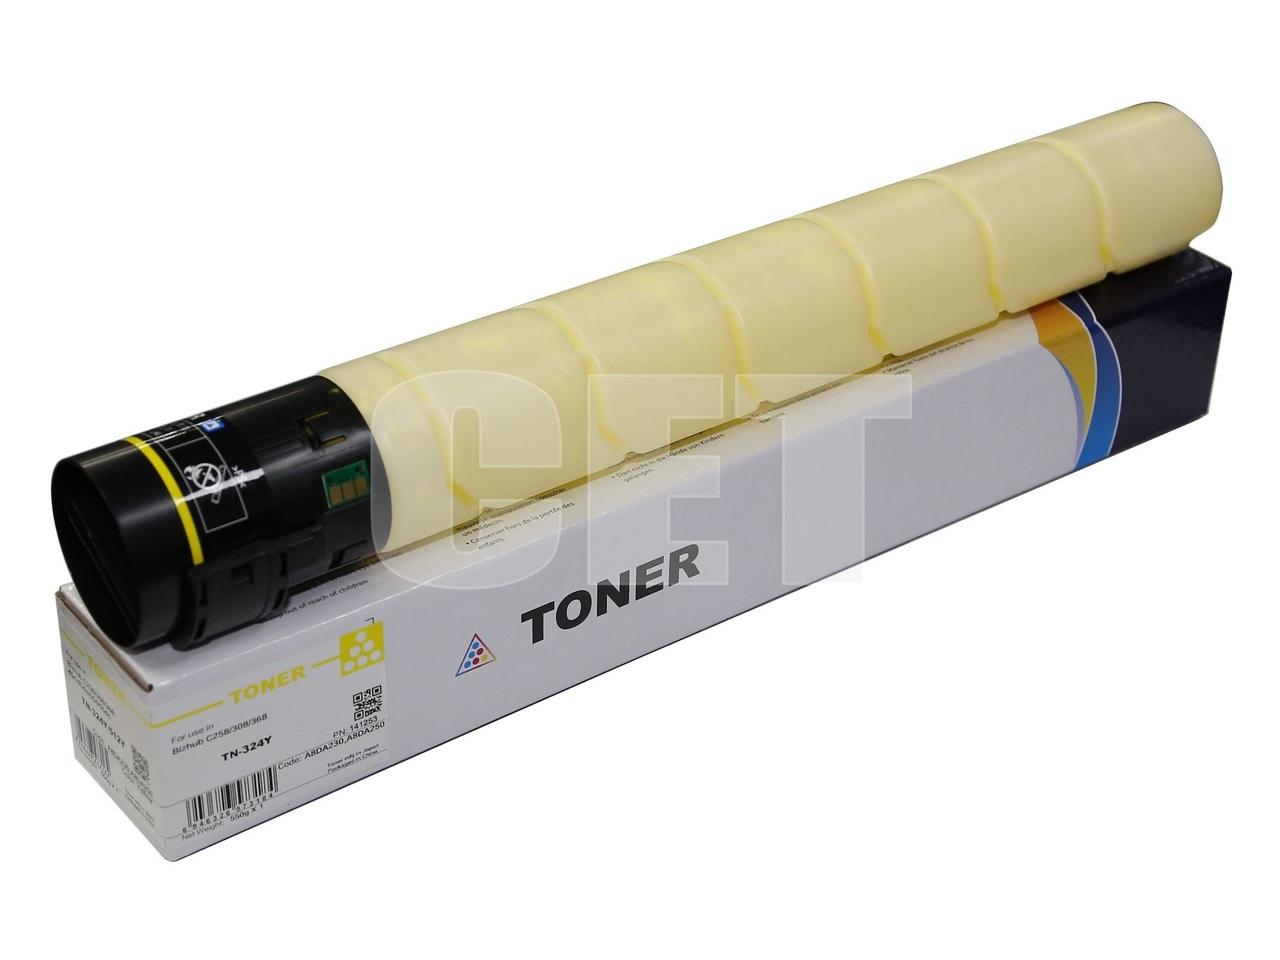 Тонер-картридж (CPT, CE28) TN-324Y для KONICA MINOLTABizhub C258/308/368 (CET) Yellow, (WW), 550г, 26000 стр.,CET141253